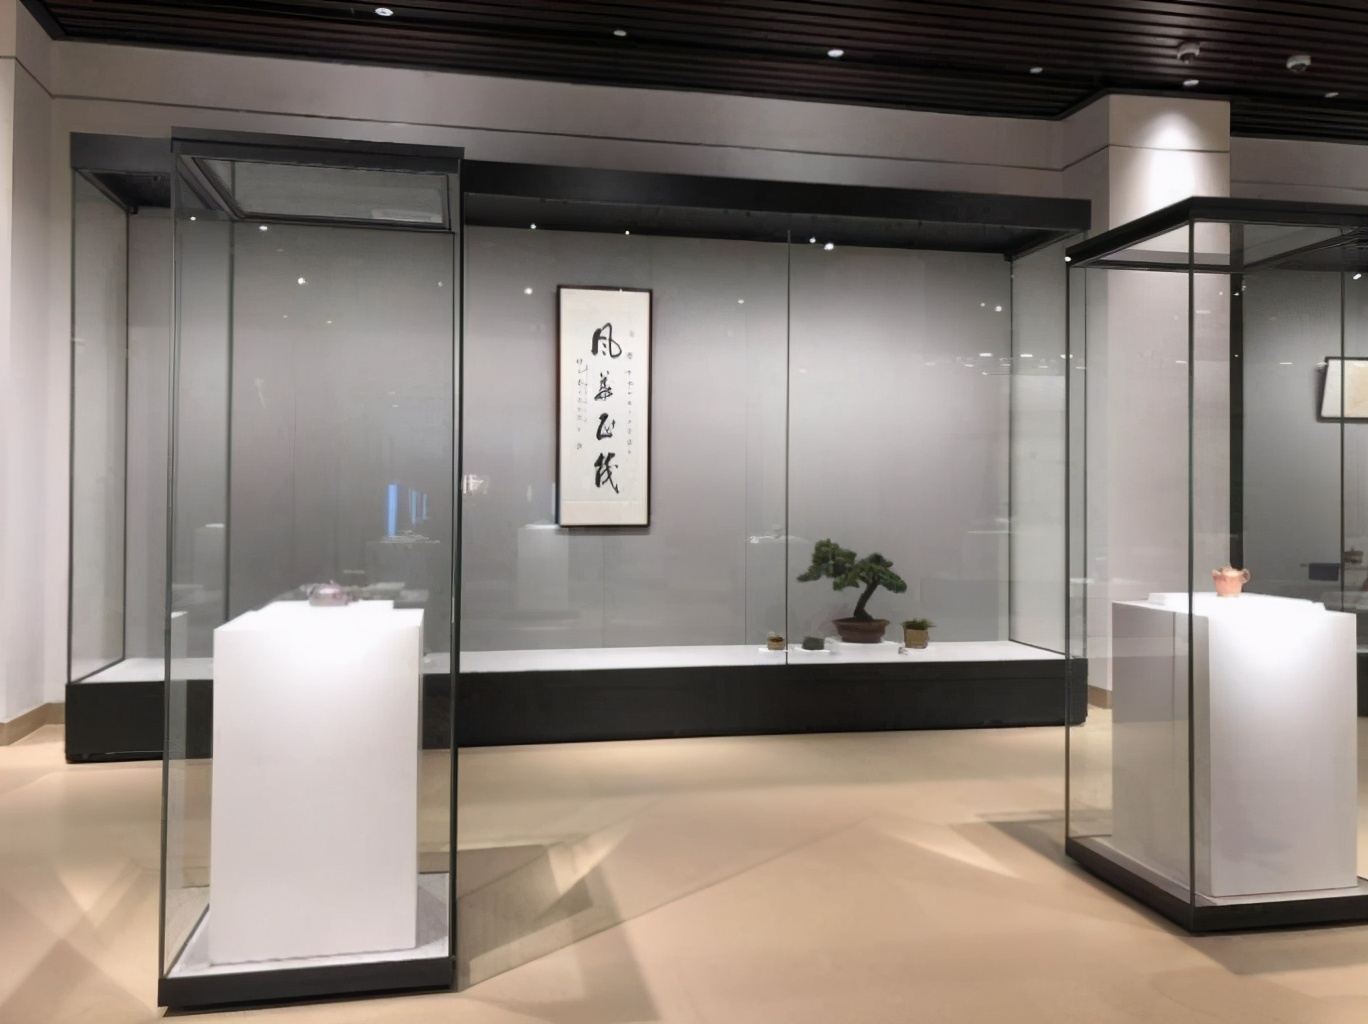 博物馆展柜内的几个设计重点